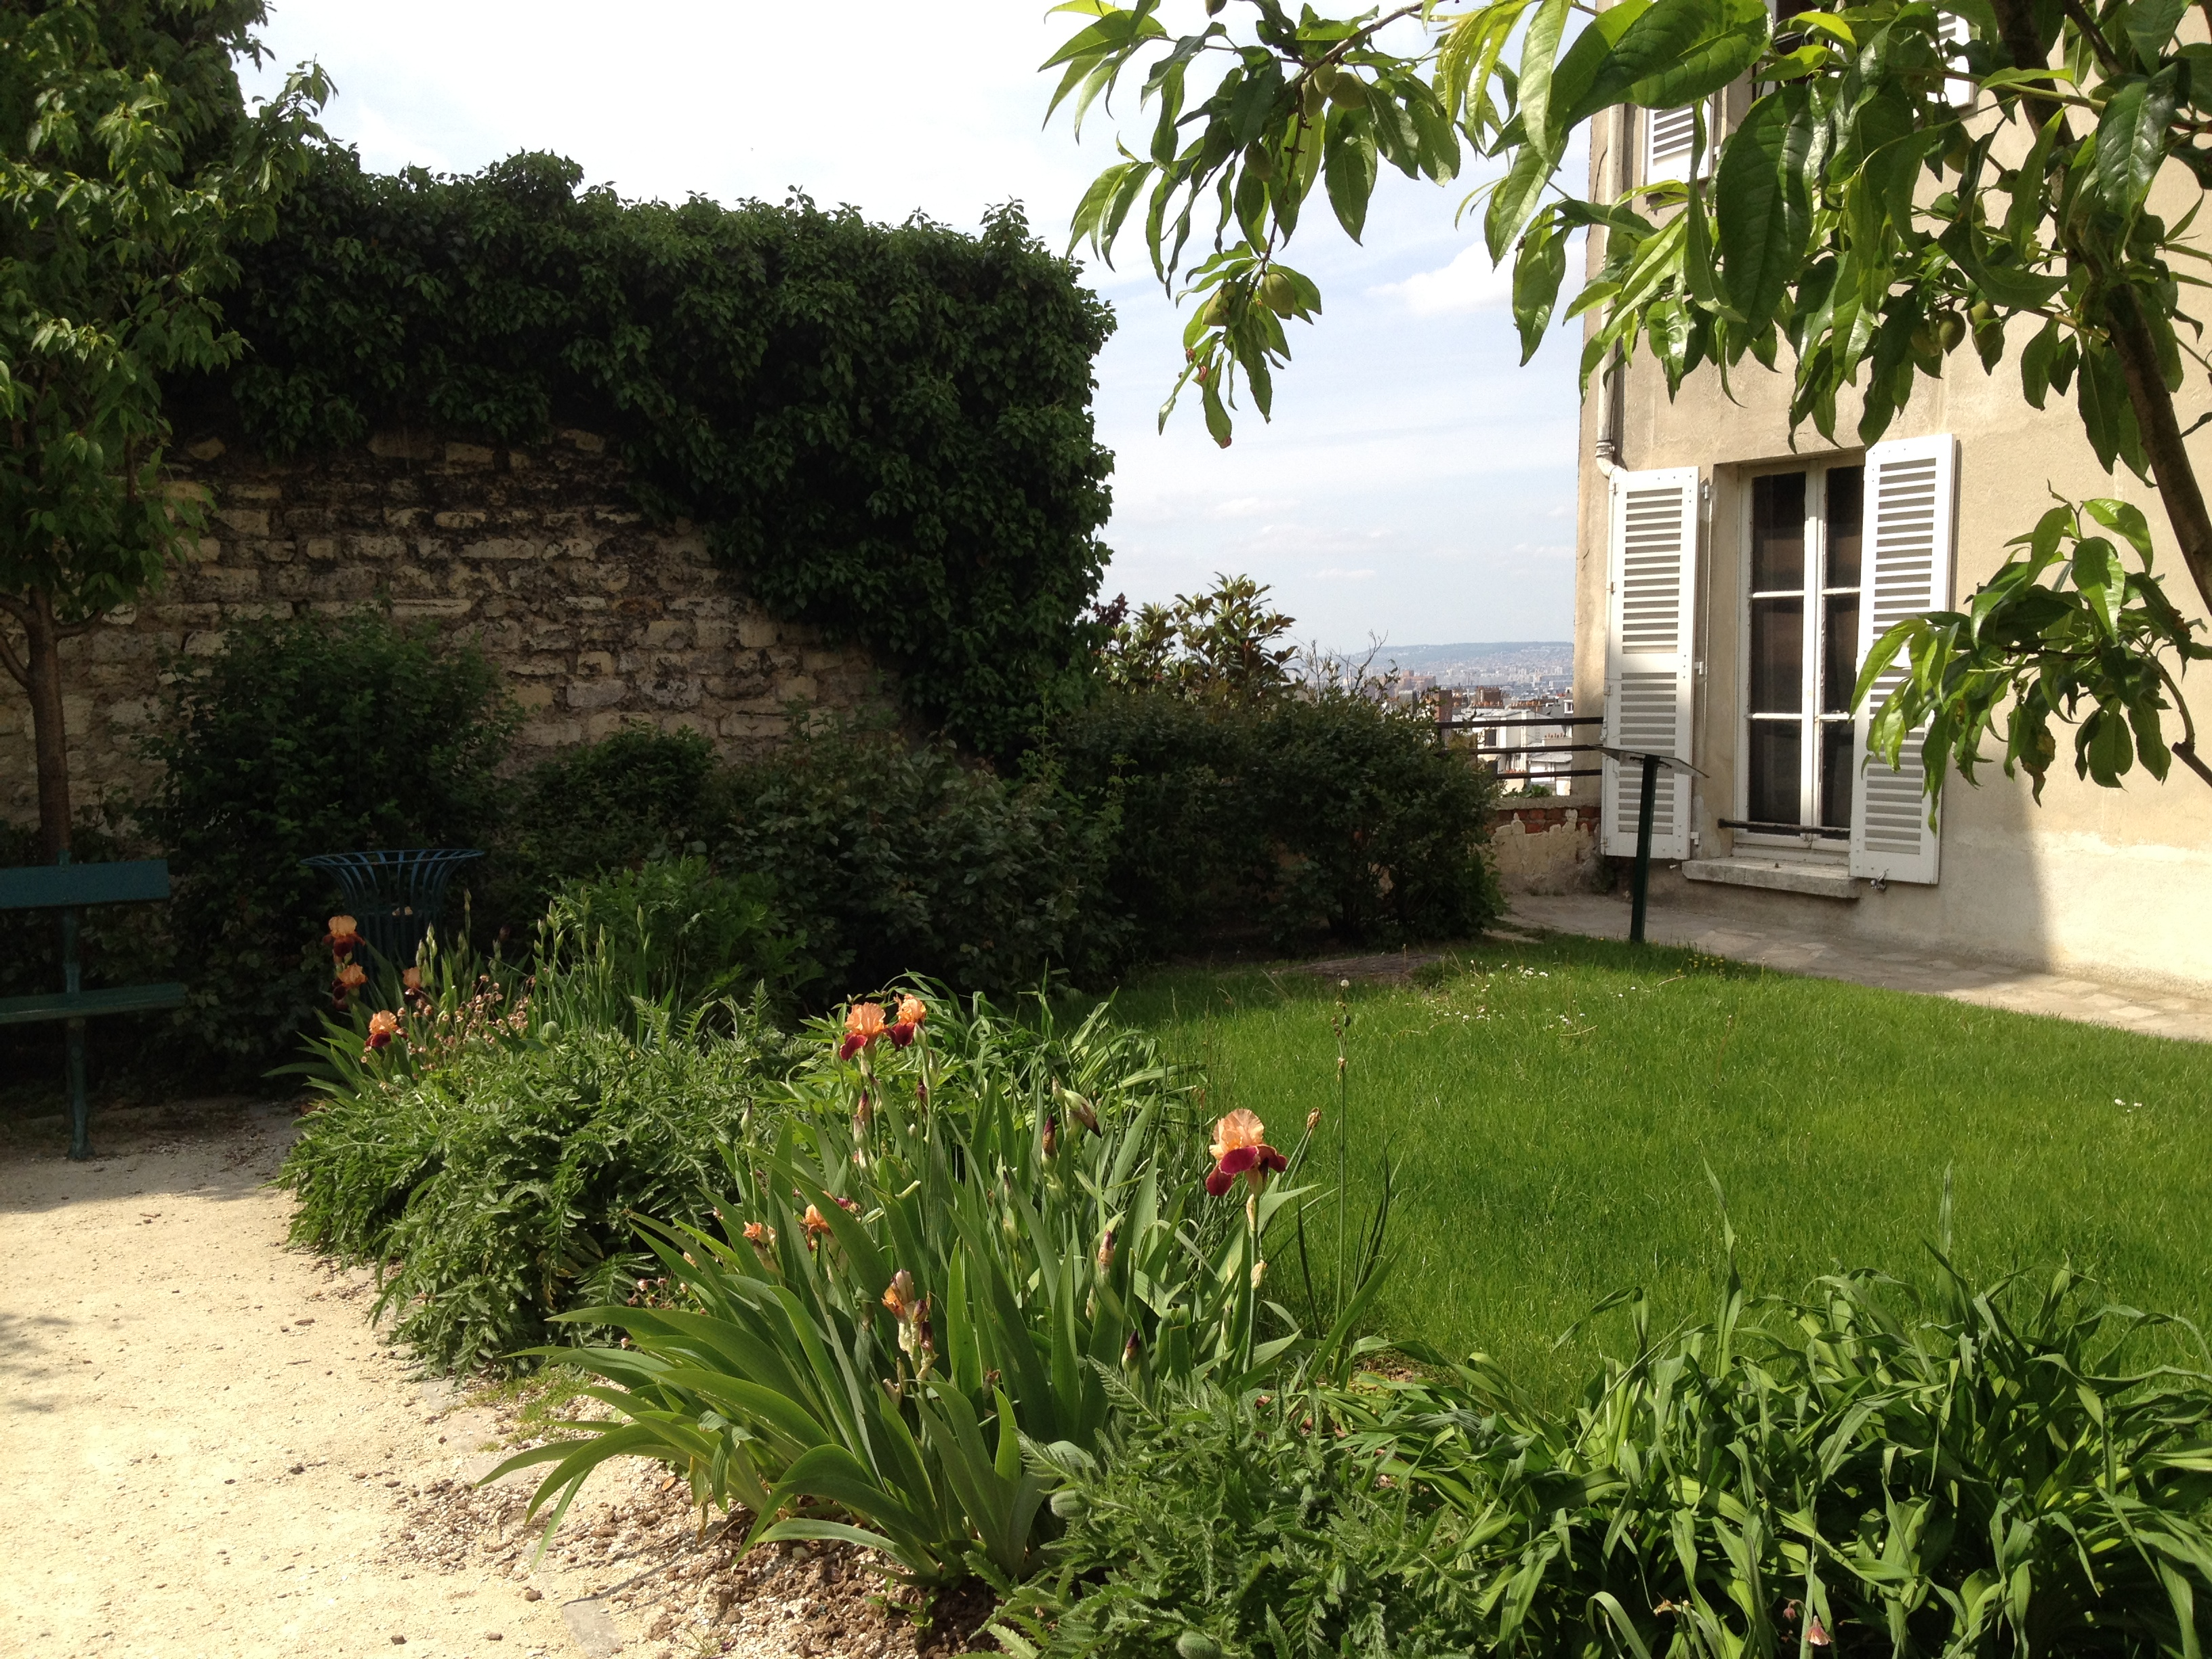 montmartre-jardins-renoir-pds4